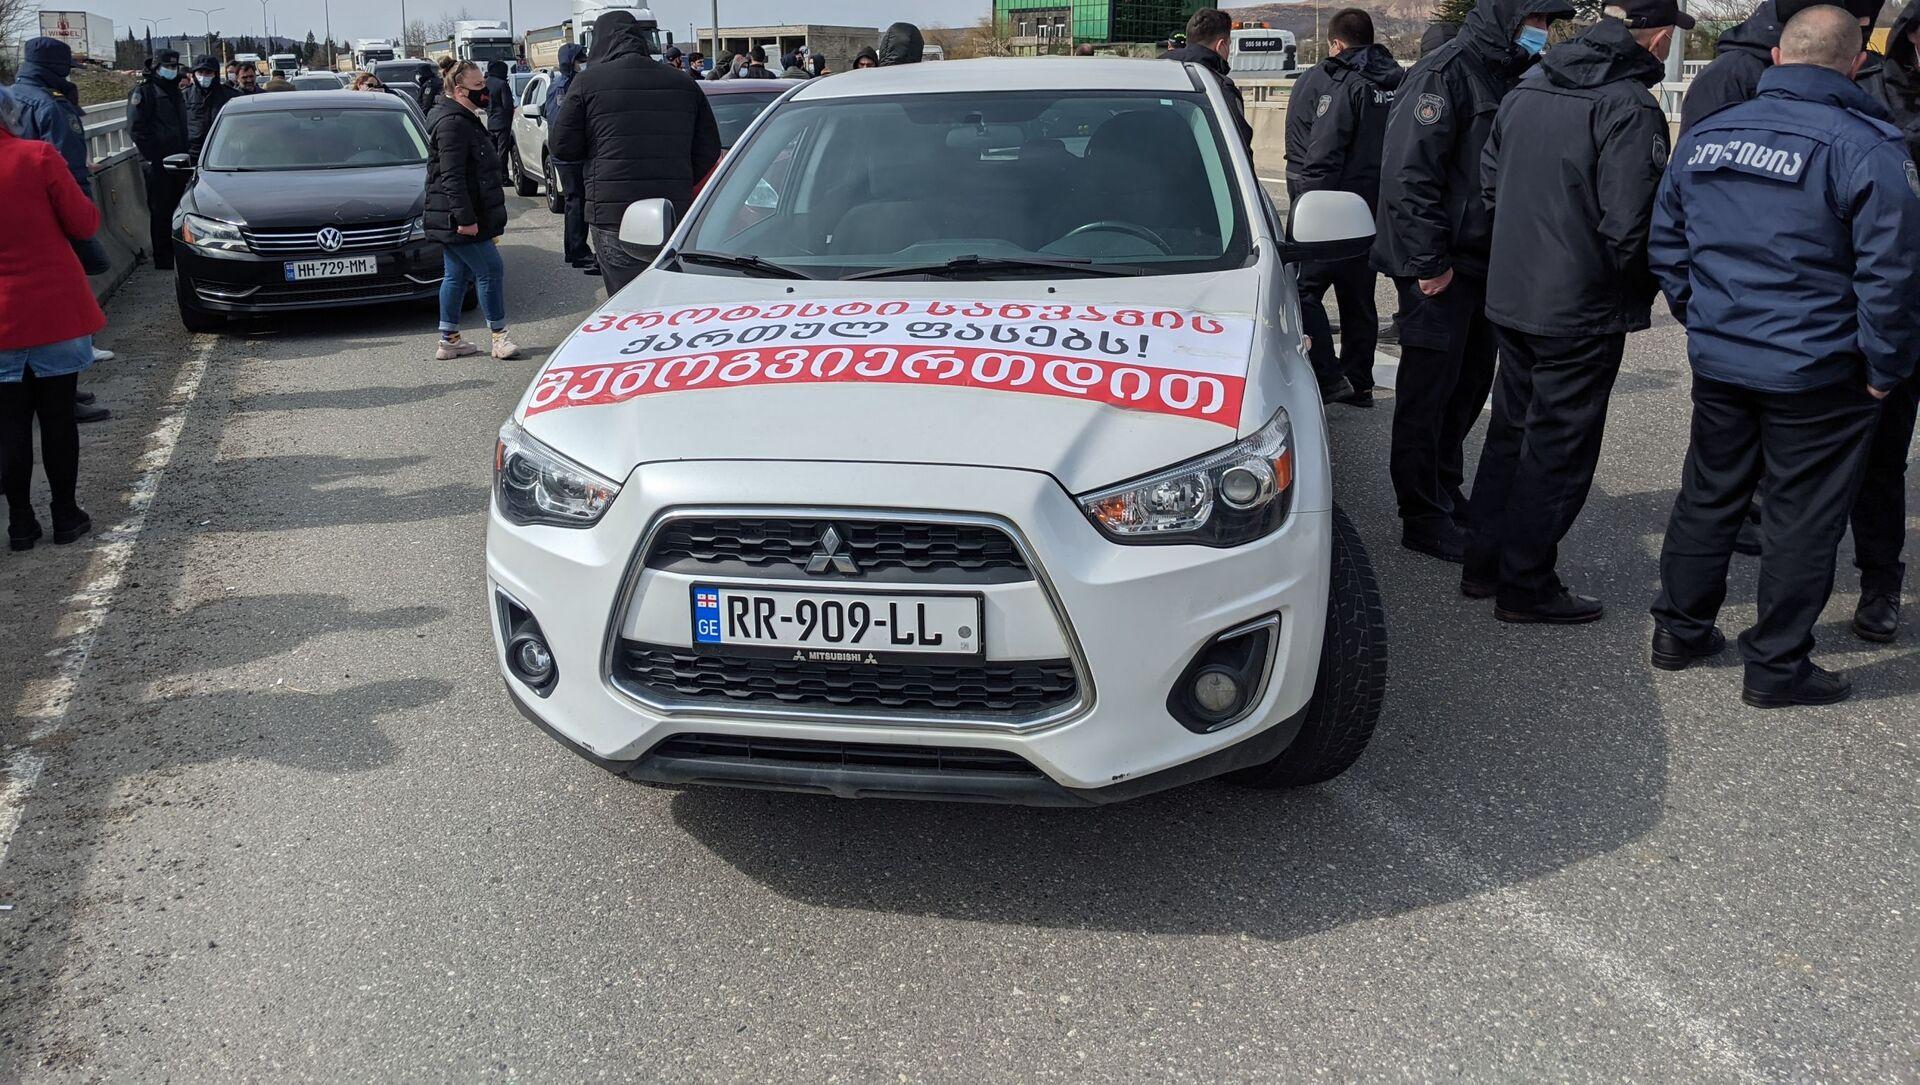 Автолюбители в Кутаиси протестуют против роста цен на бензин 11 марта 2021 года - Sputnik Грузия, 1920, 11.03.2021